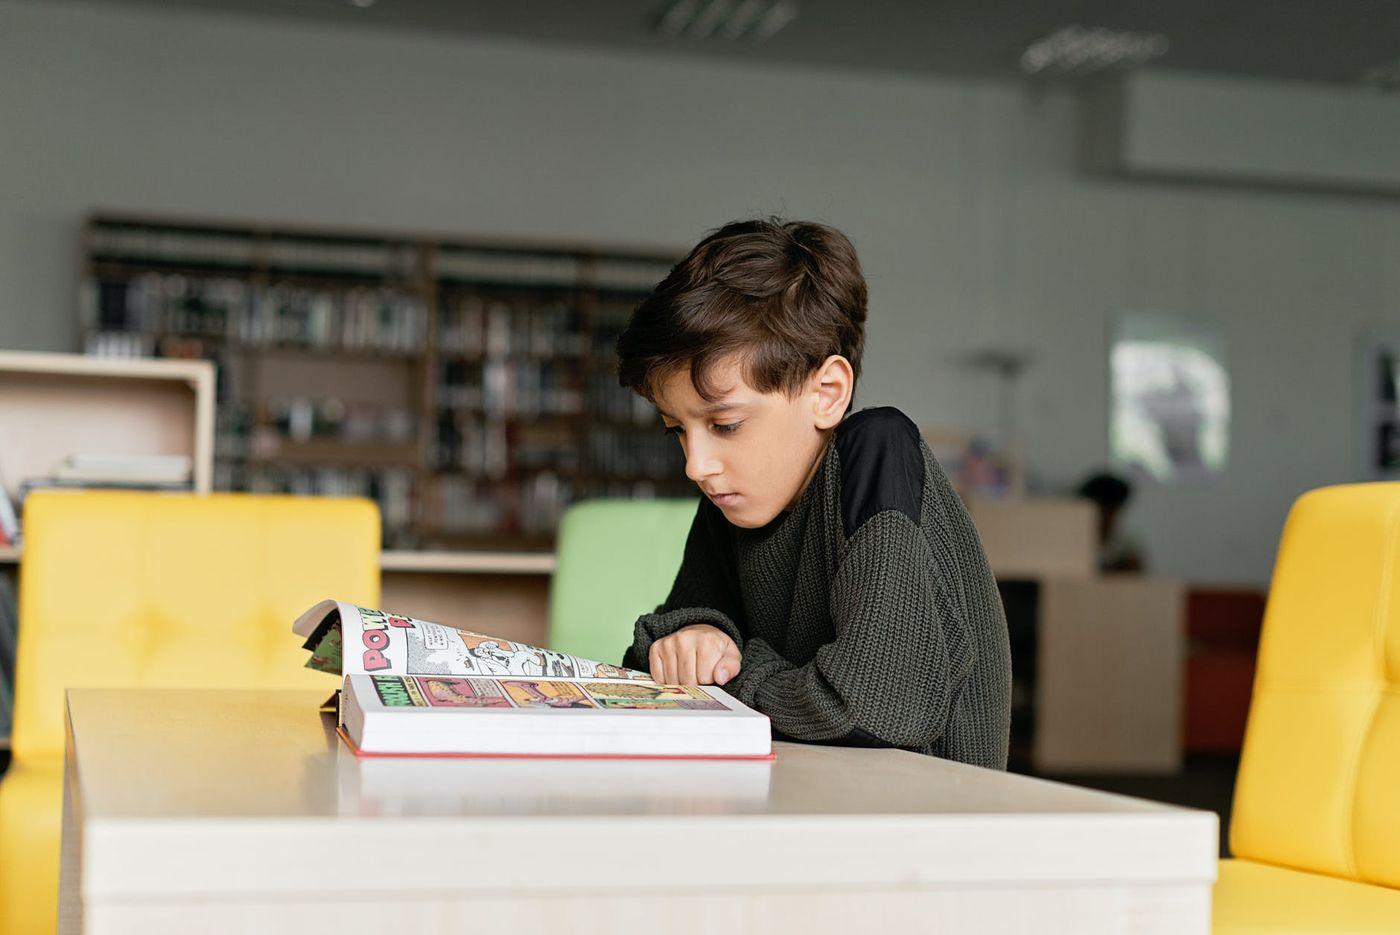 Jak ubrać chłopca do szkoły?